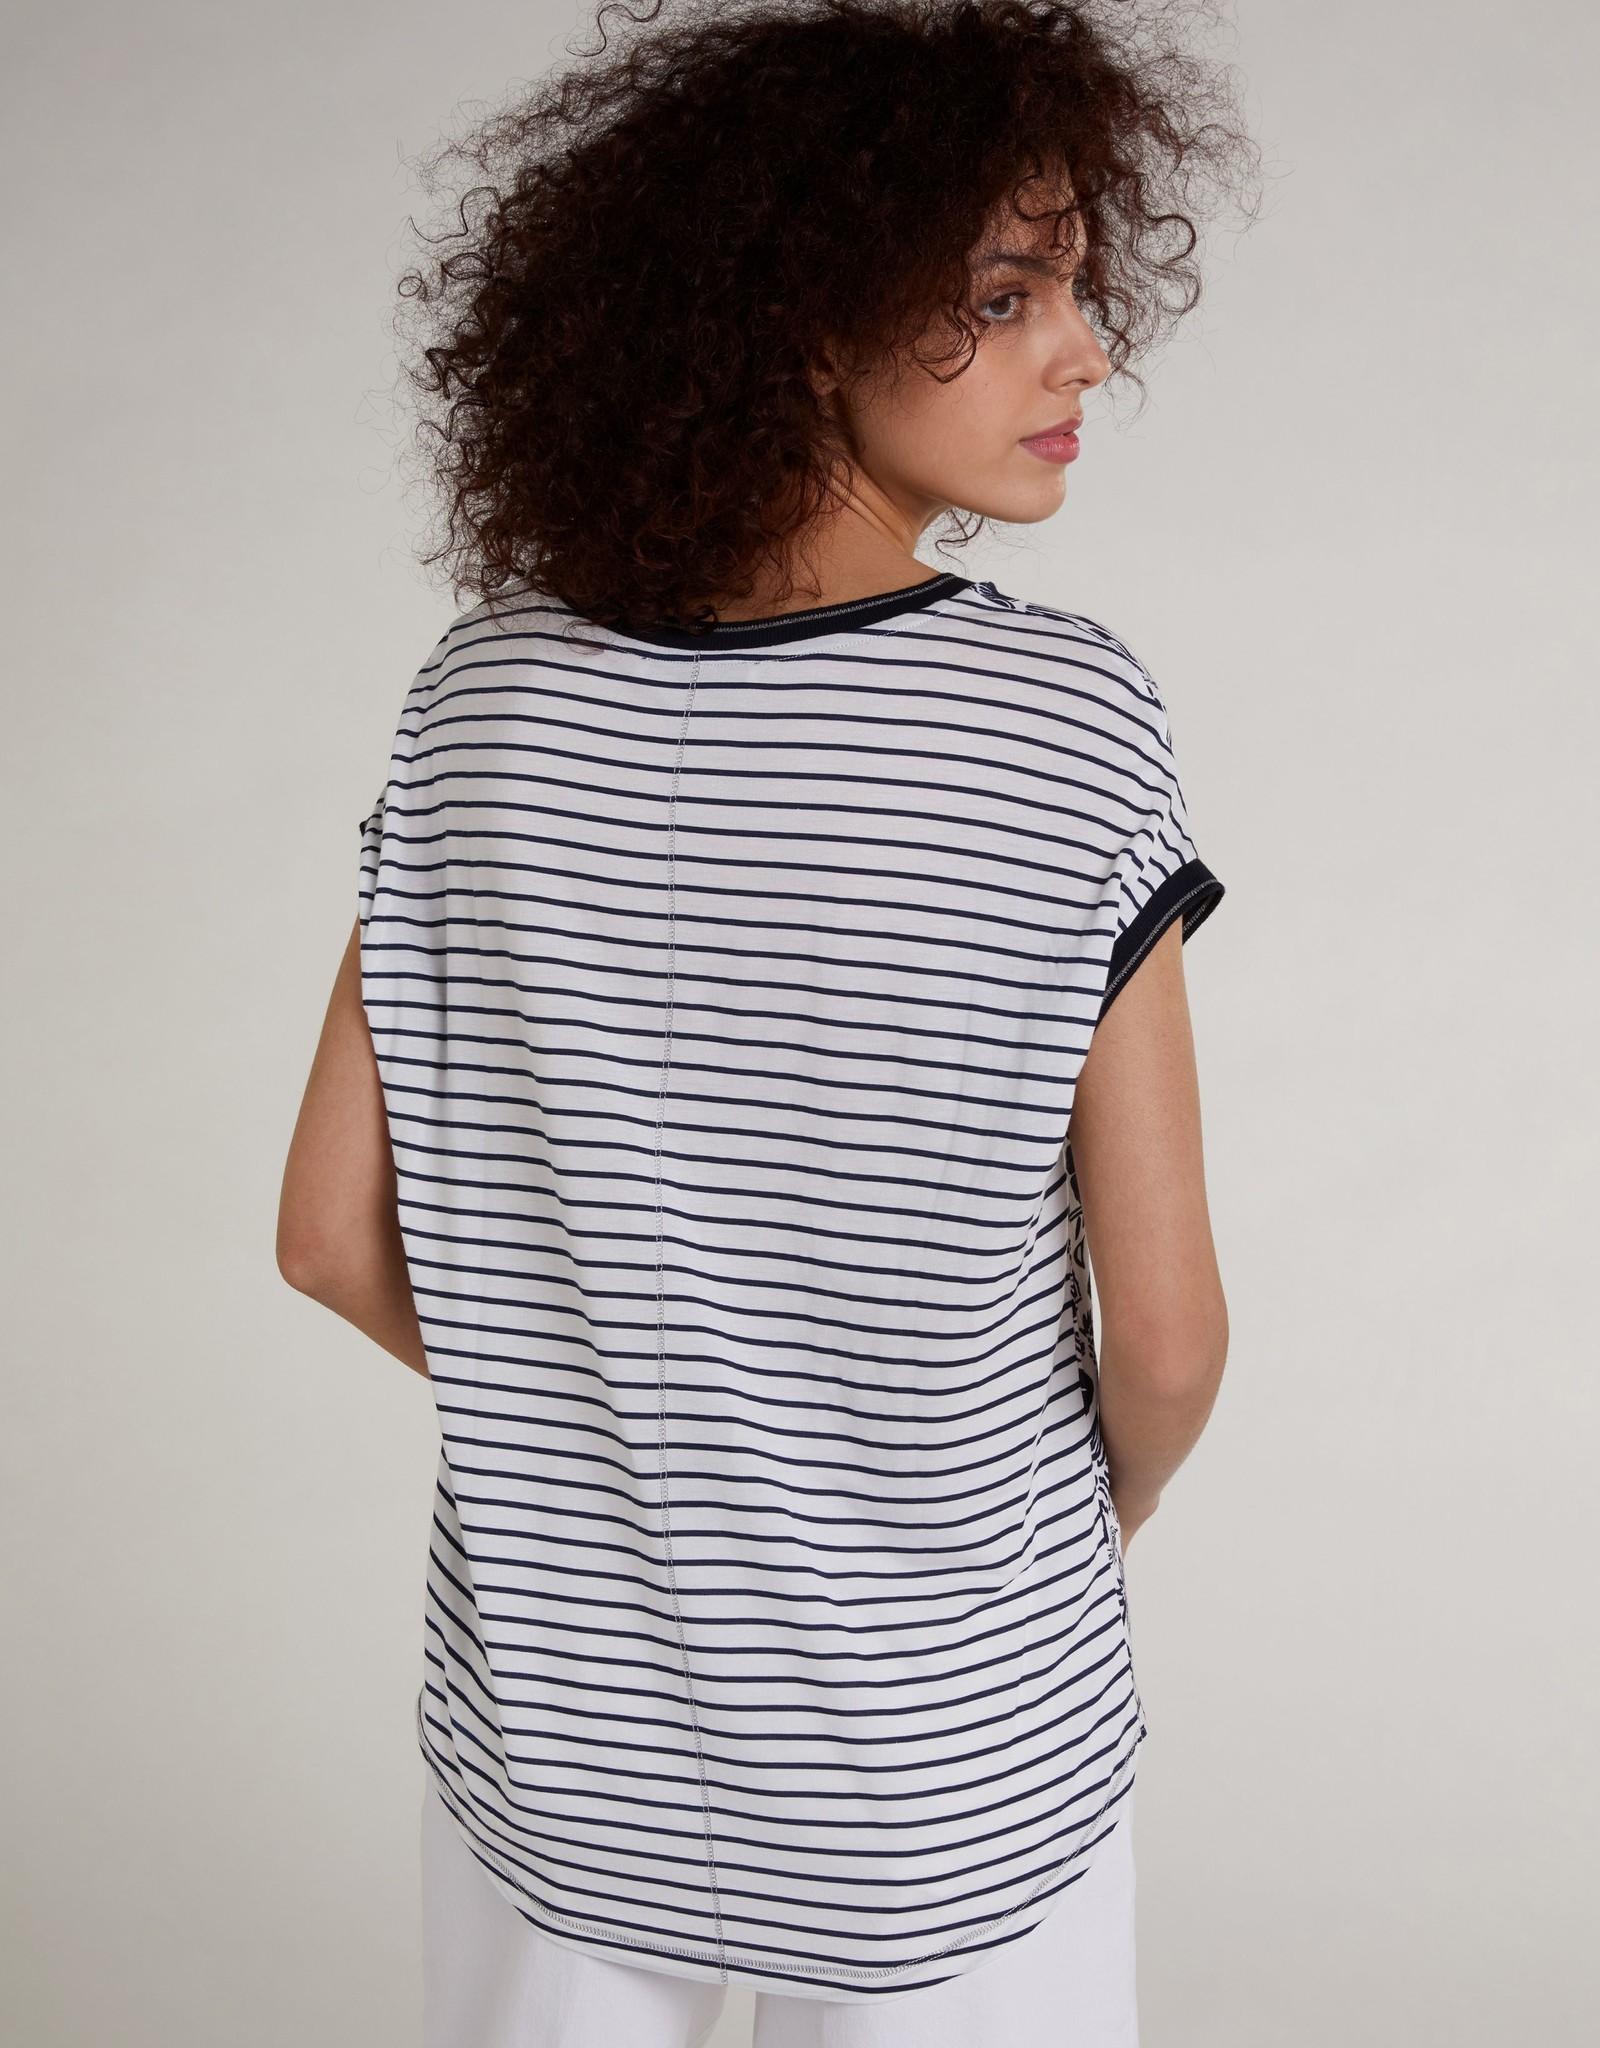 Ouí 72439 T-shirt